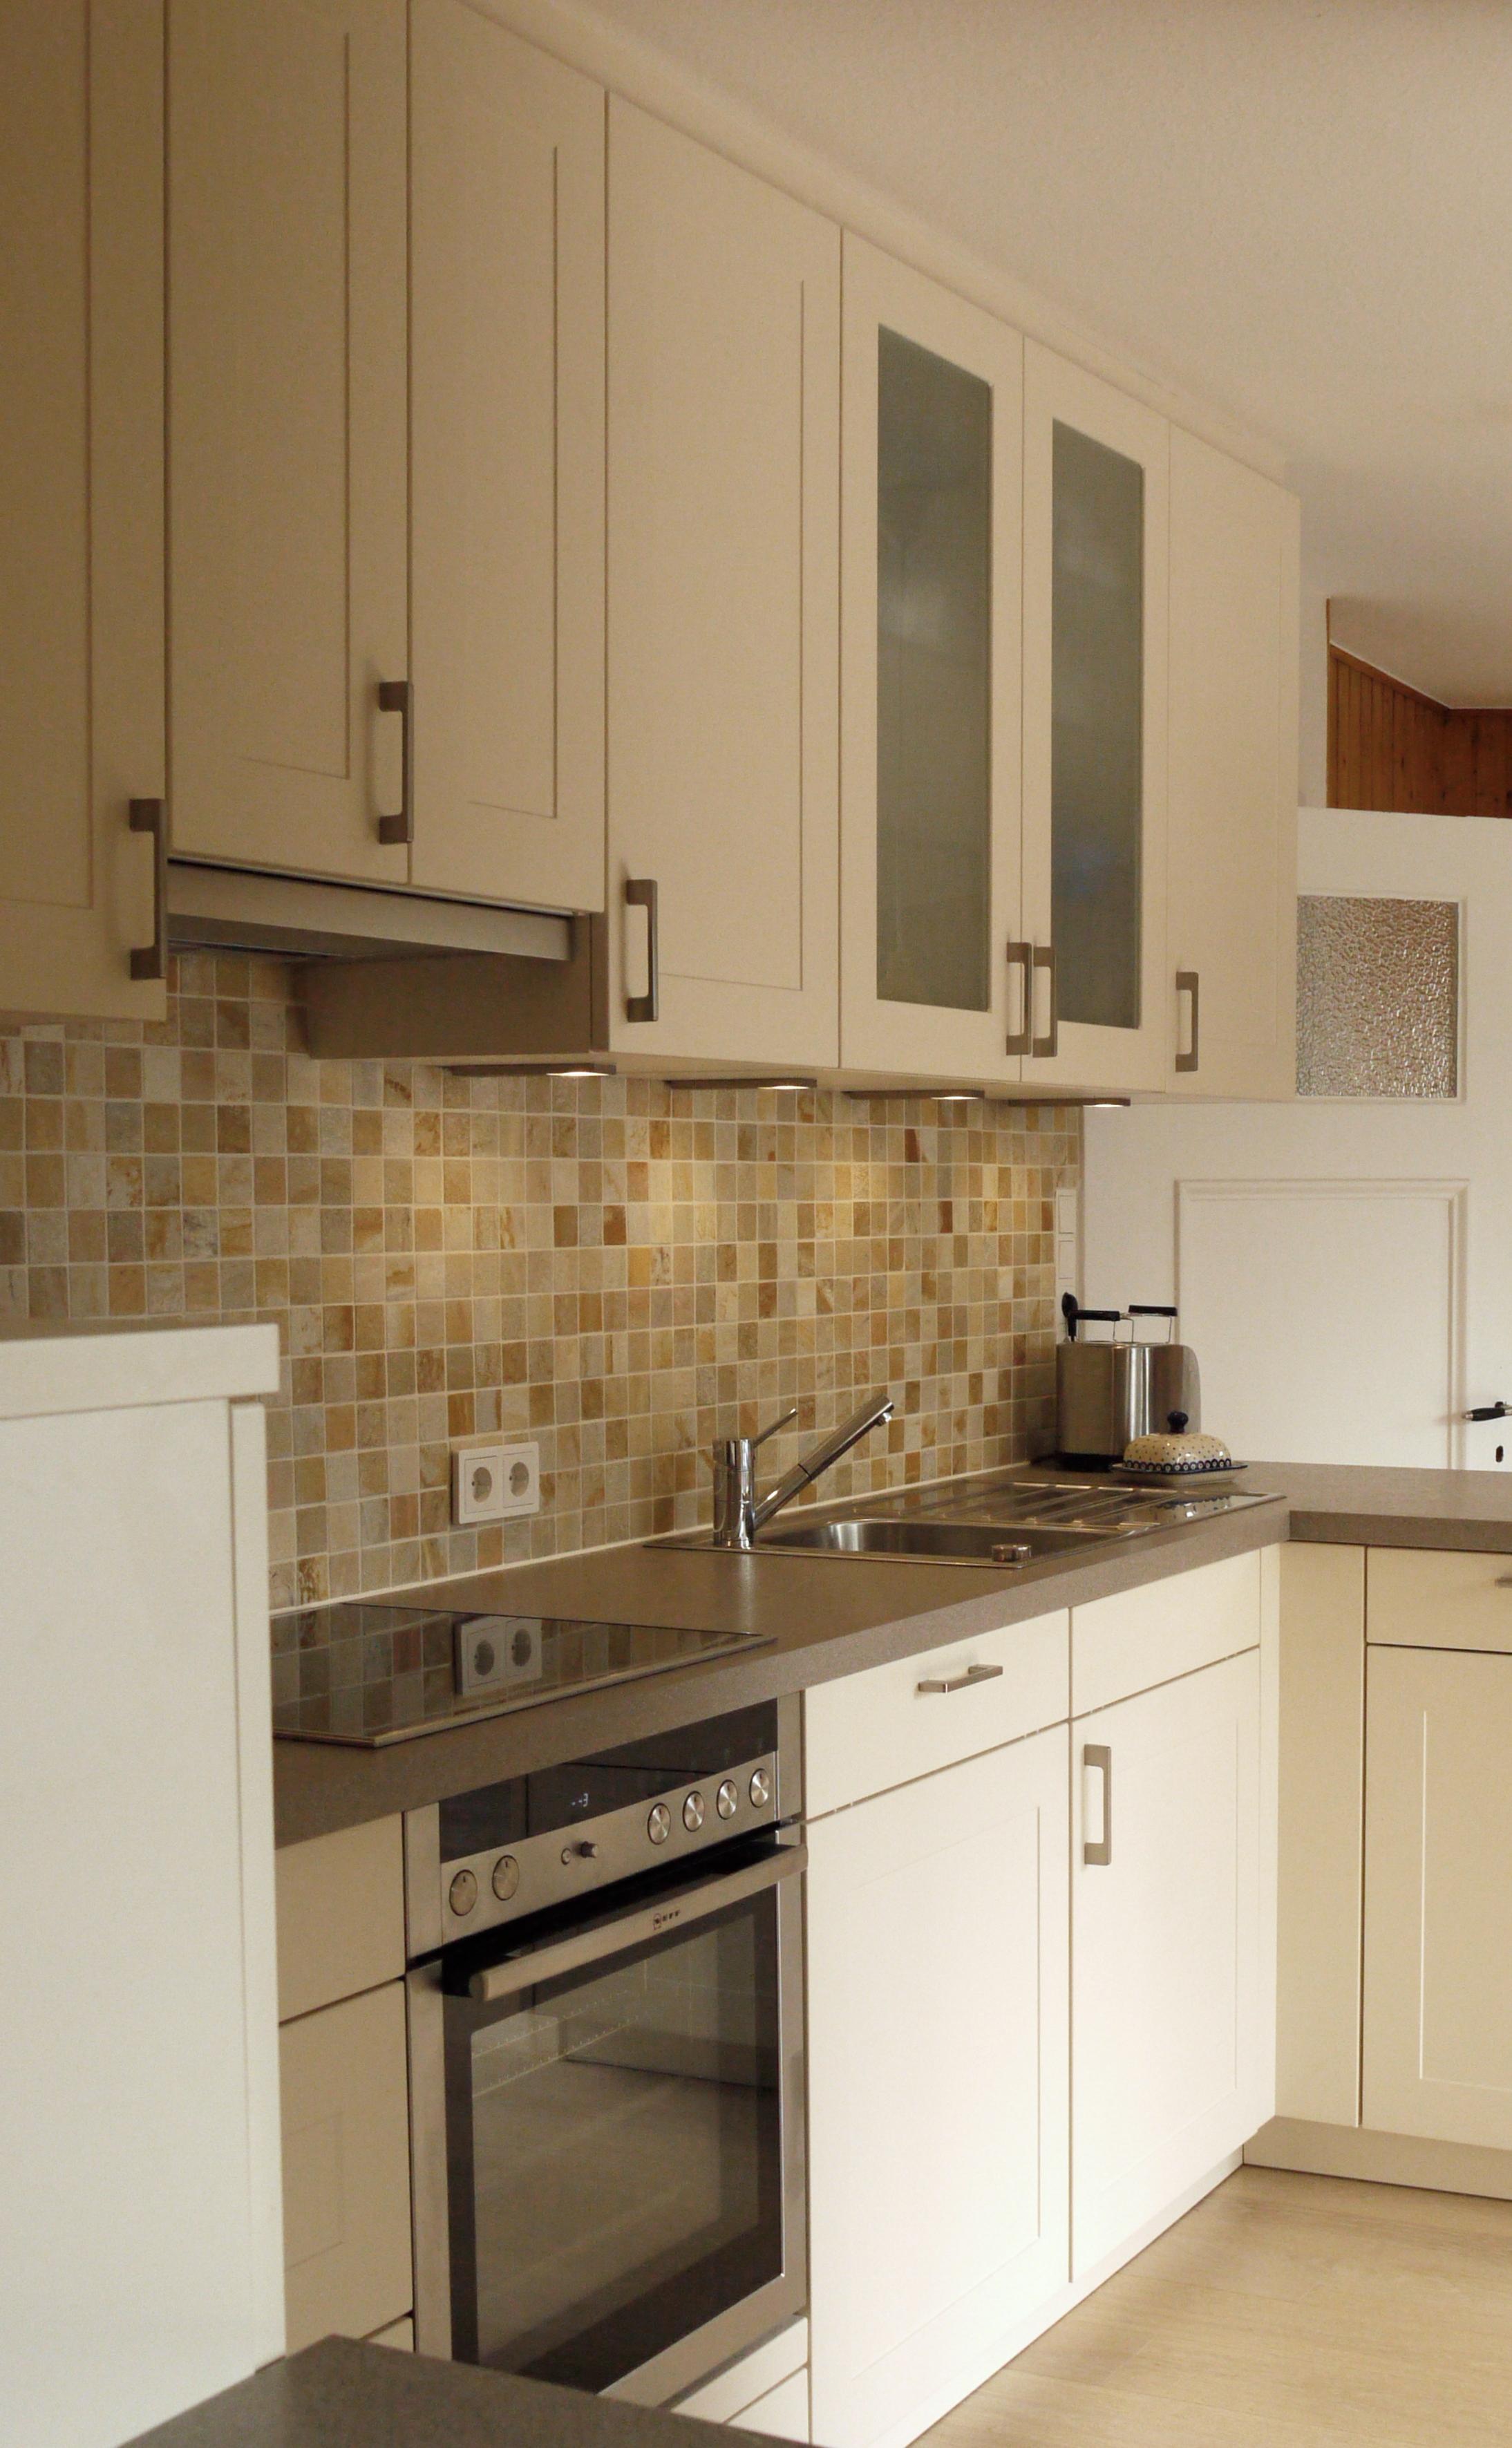 Sanierte Altbauküche • Bilder & Ideen • COUCHstyle